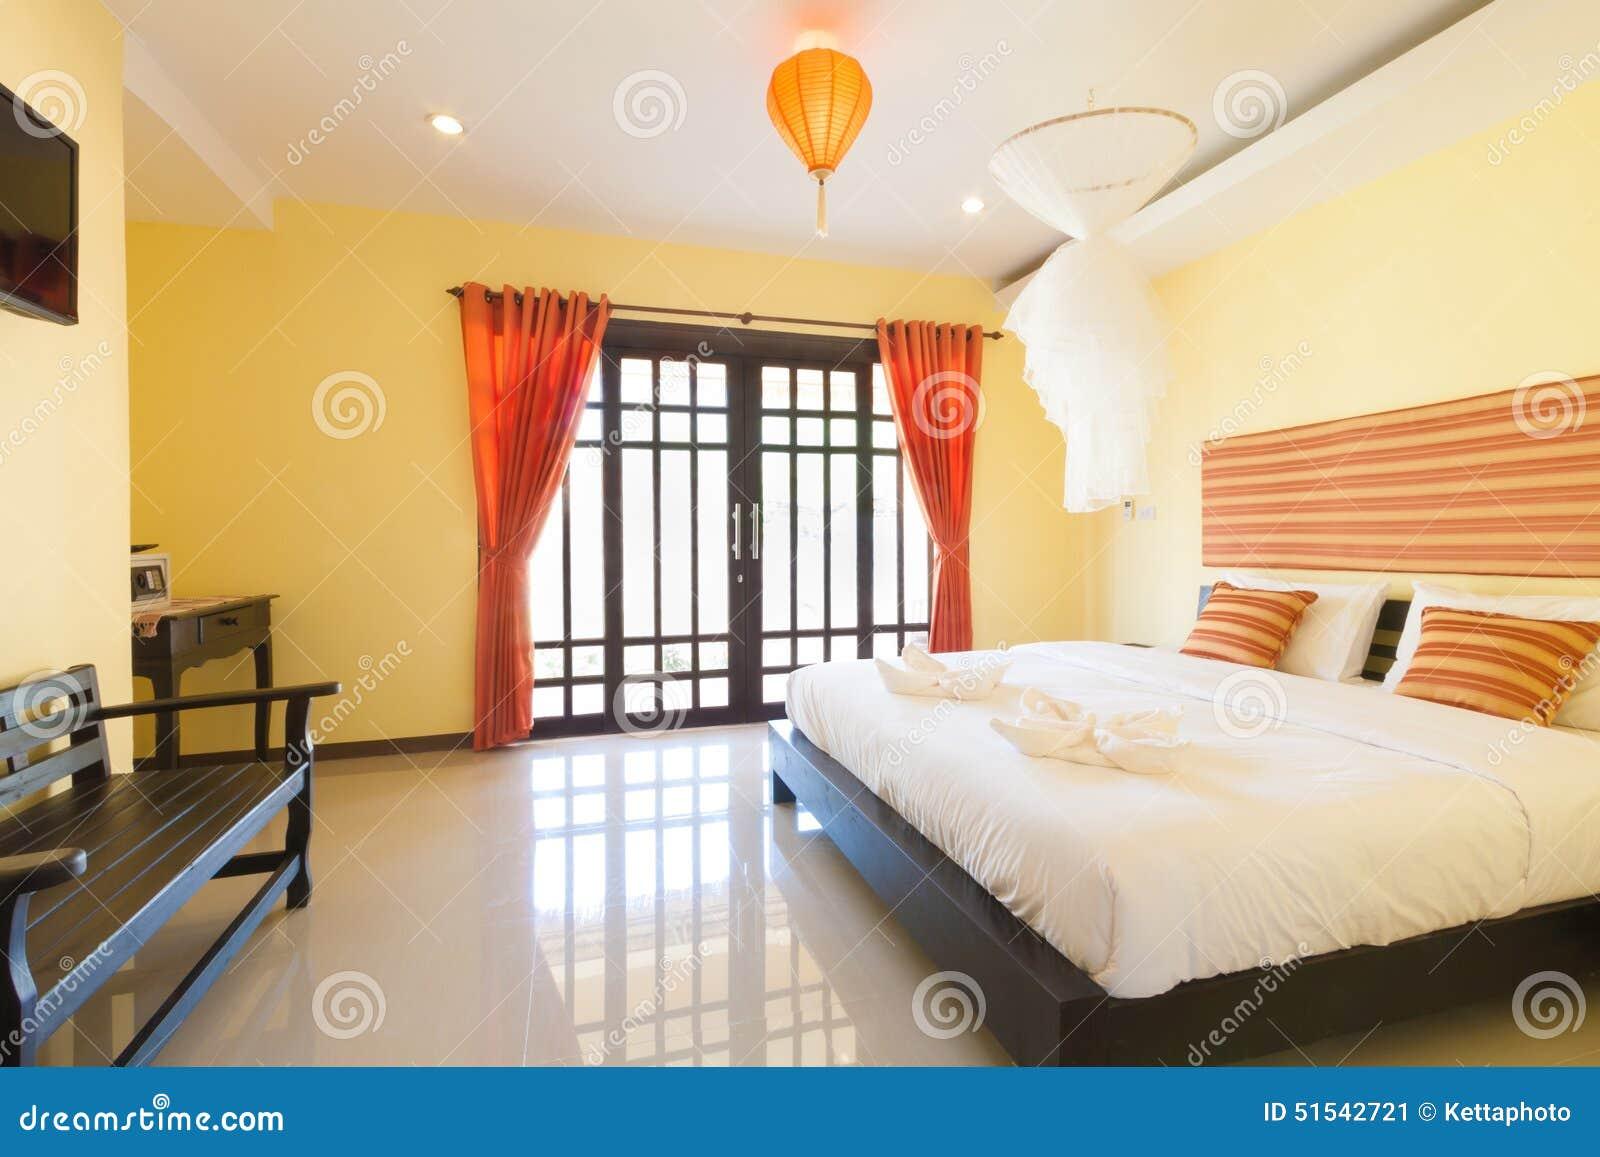 Gelbes Schlafzimmer stockbild. Bild von lieferung, asiatisch - 51542721